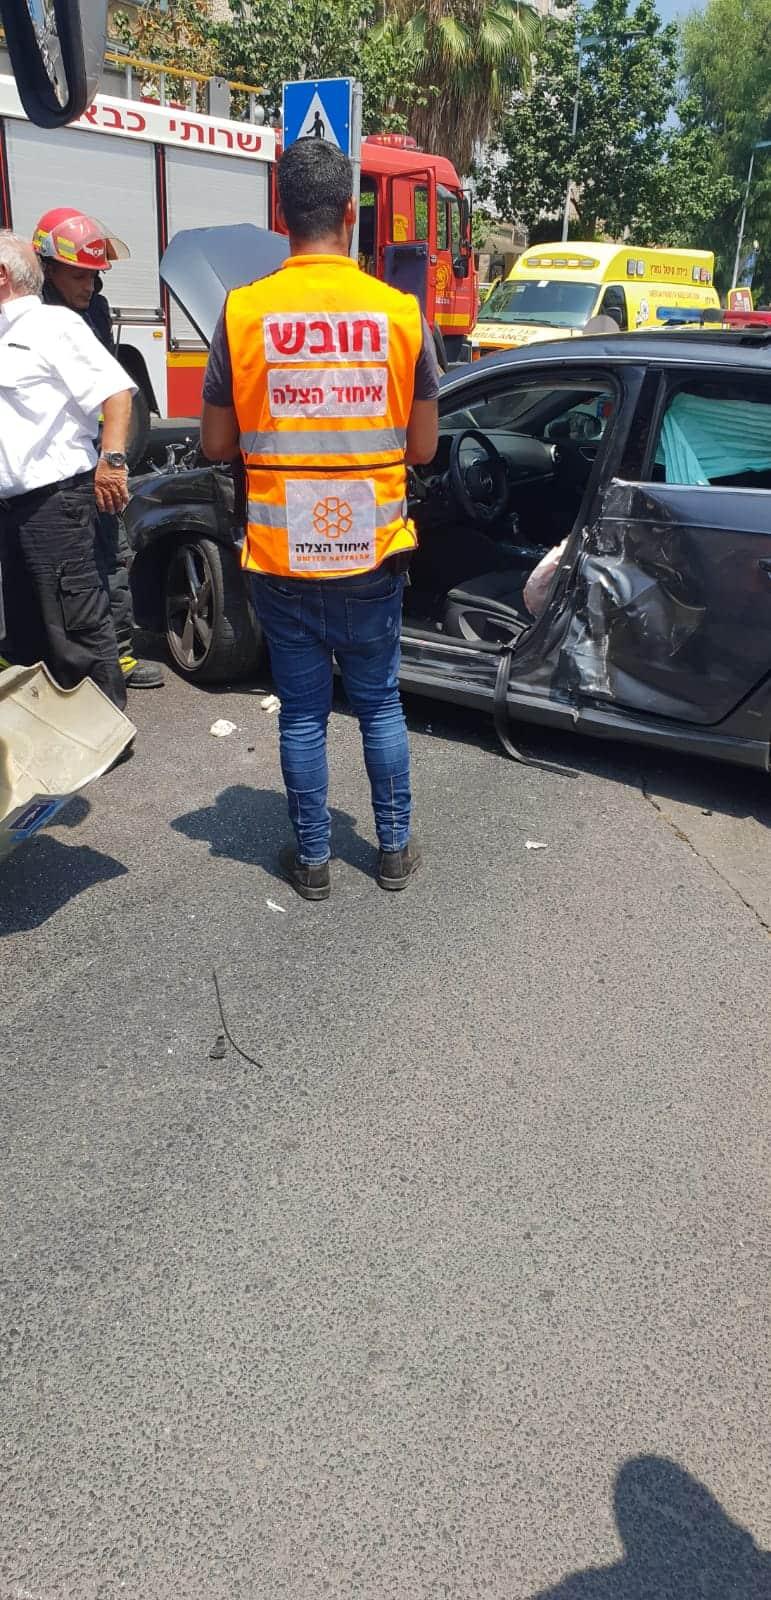 הנהגת חולצה מהרכב על ידי כוחות כיבוי, צילום: באדיבות דוברות איחוד הצלה